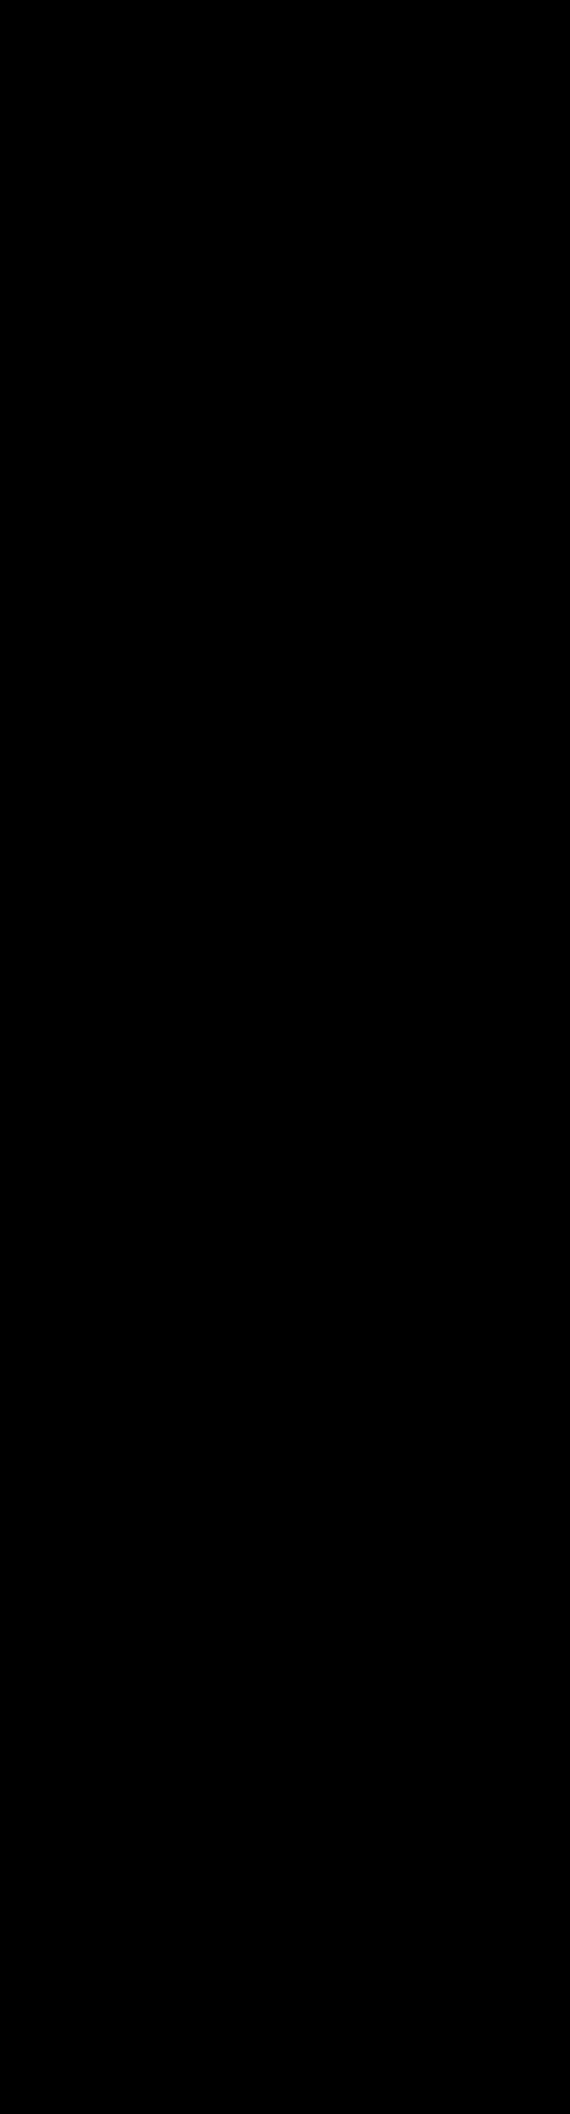 คอร์ดกีต้า คอร์ดกีตาร์พื้นฐาน เพลง นักเลงคีย์บอร์ด Feat. Takeshi Yokemura From YMCK